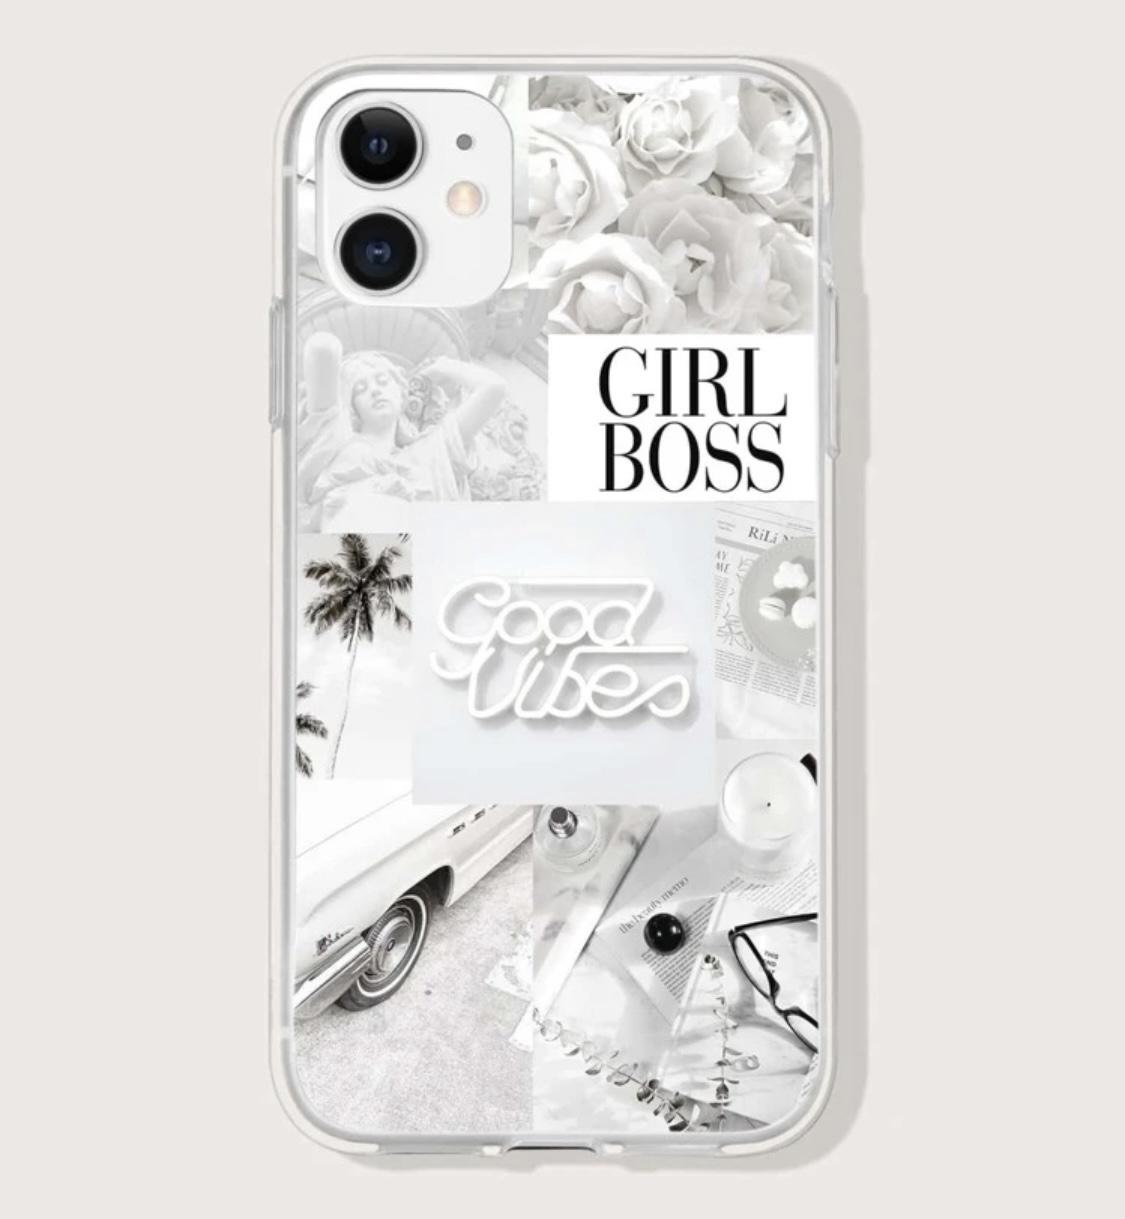 Mobilskal GIRLBOSS för Iphone